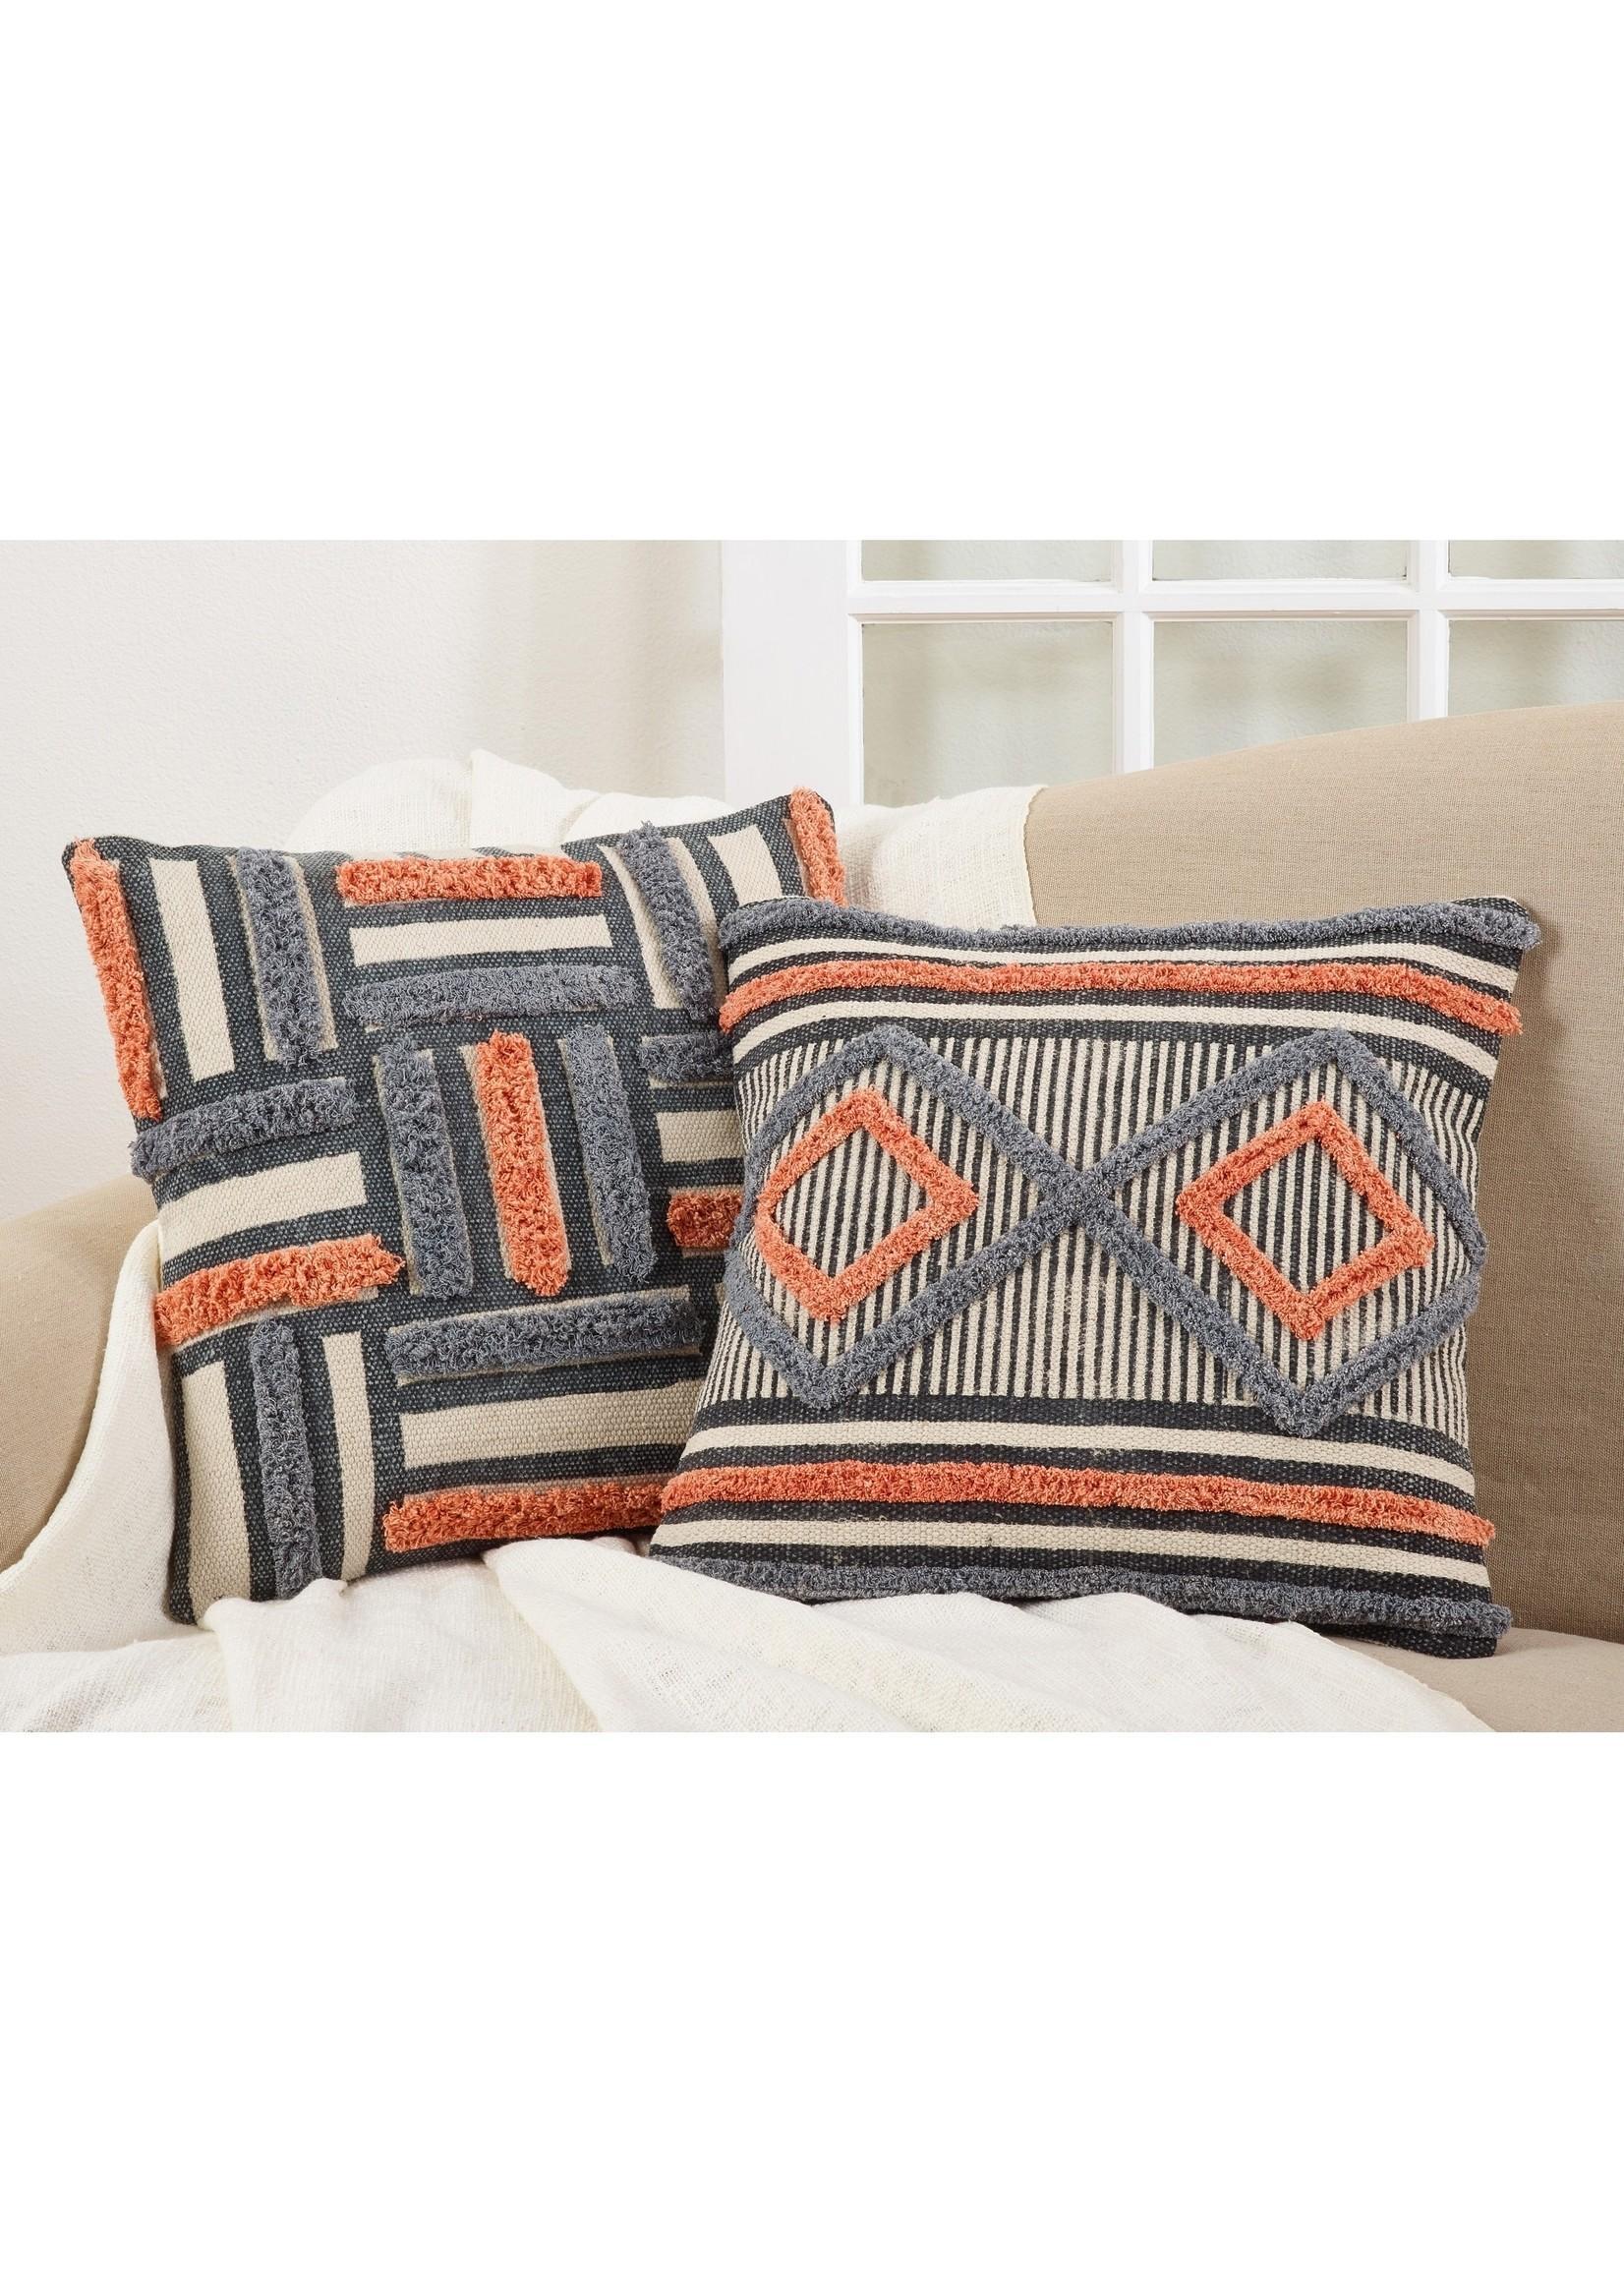 Saro Blue Orange Black Cream Aztec Design Pillow